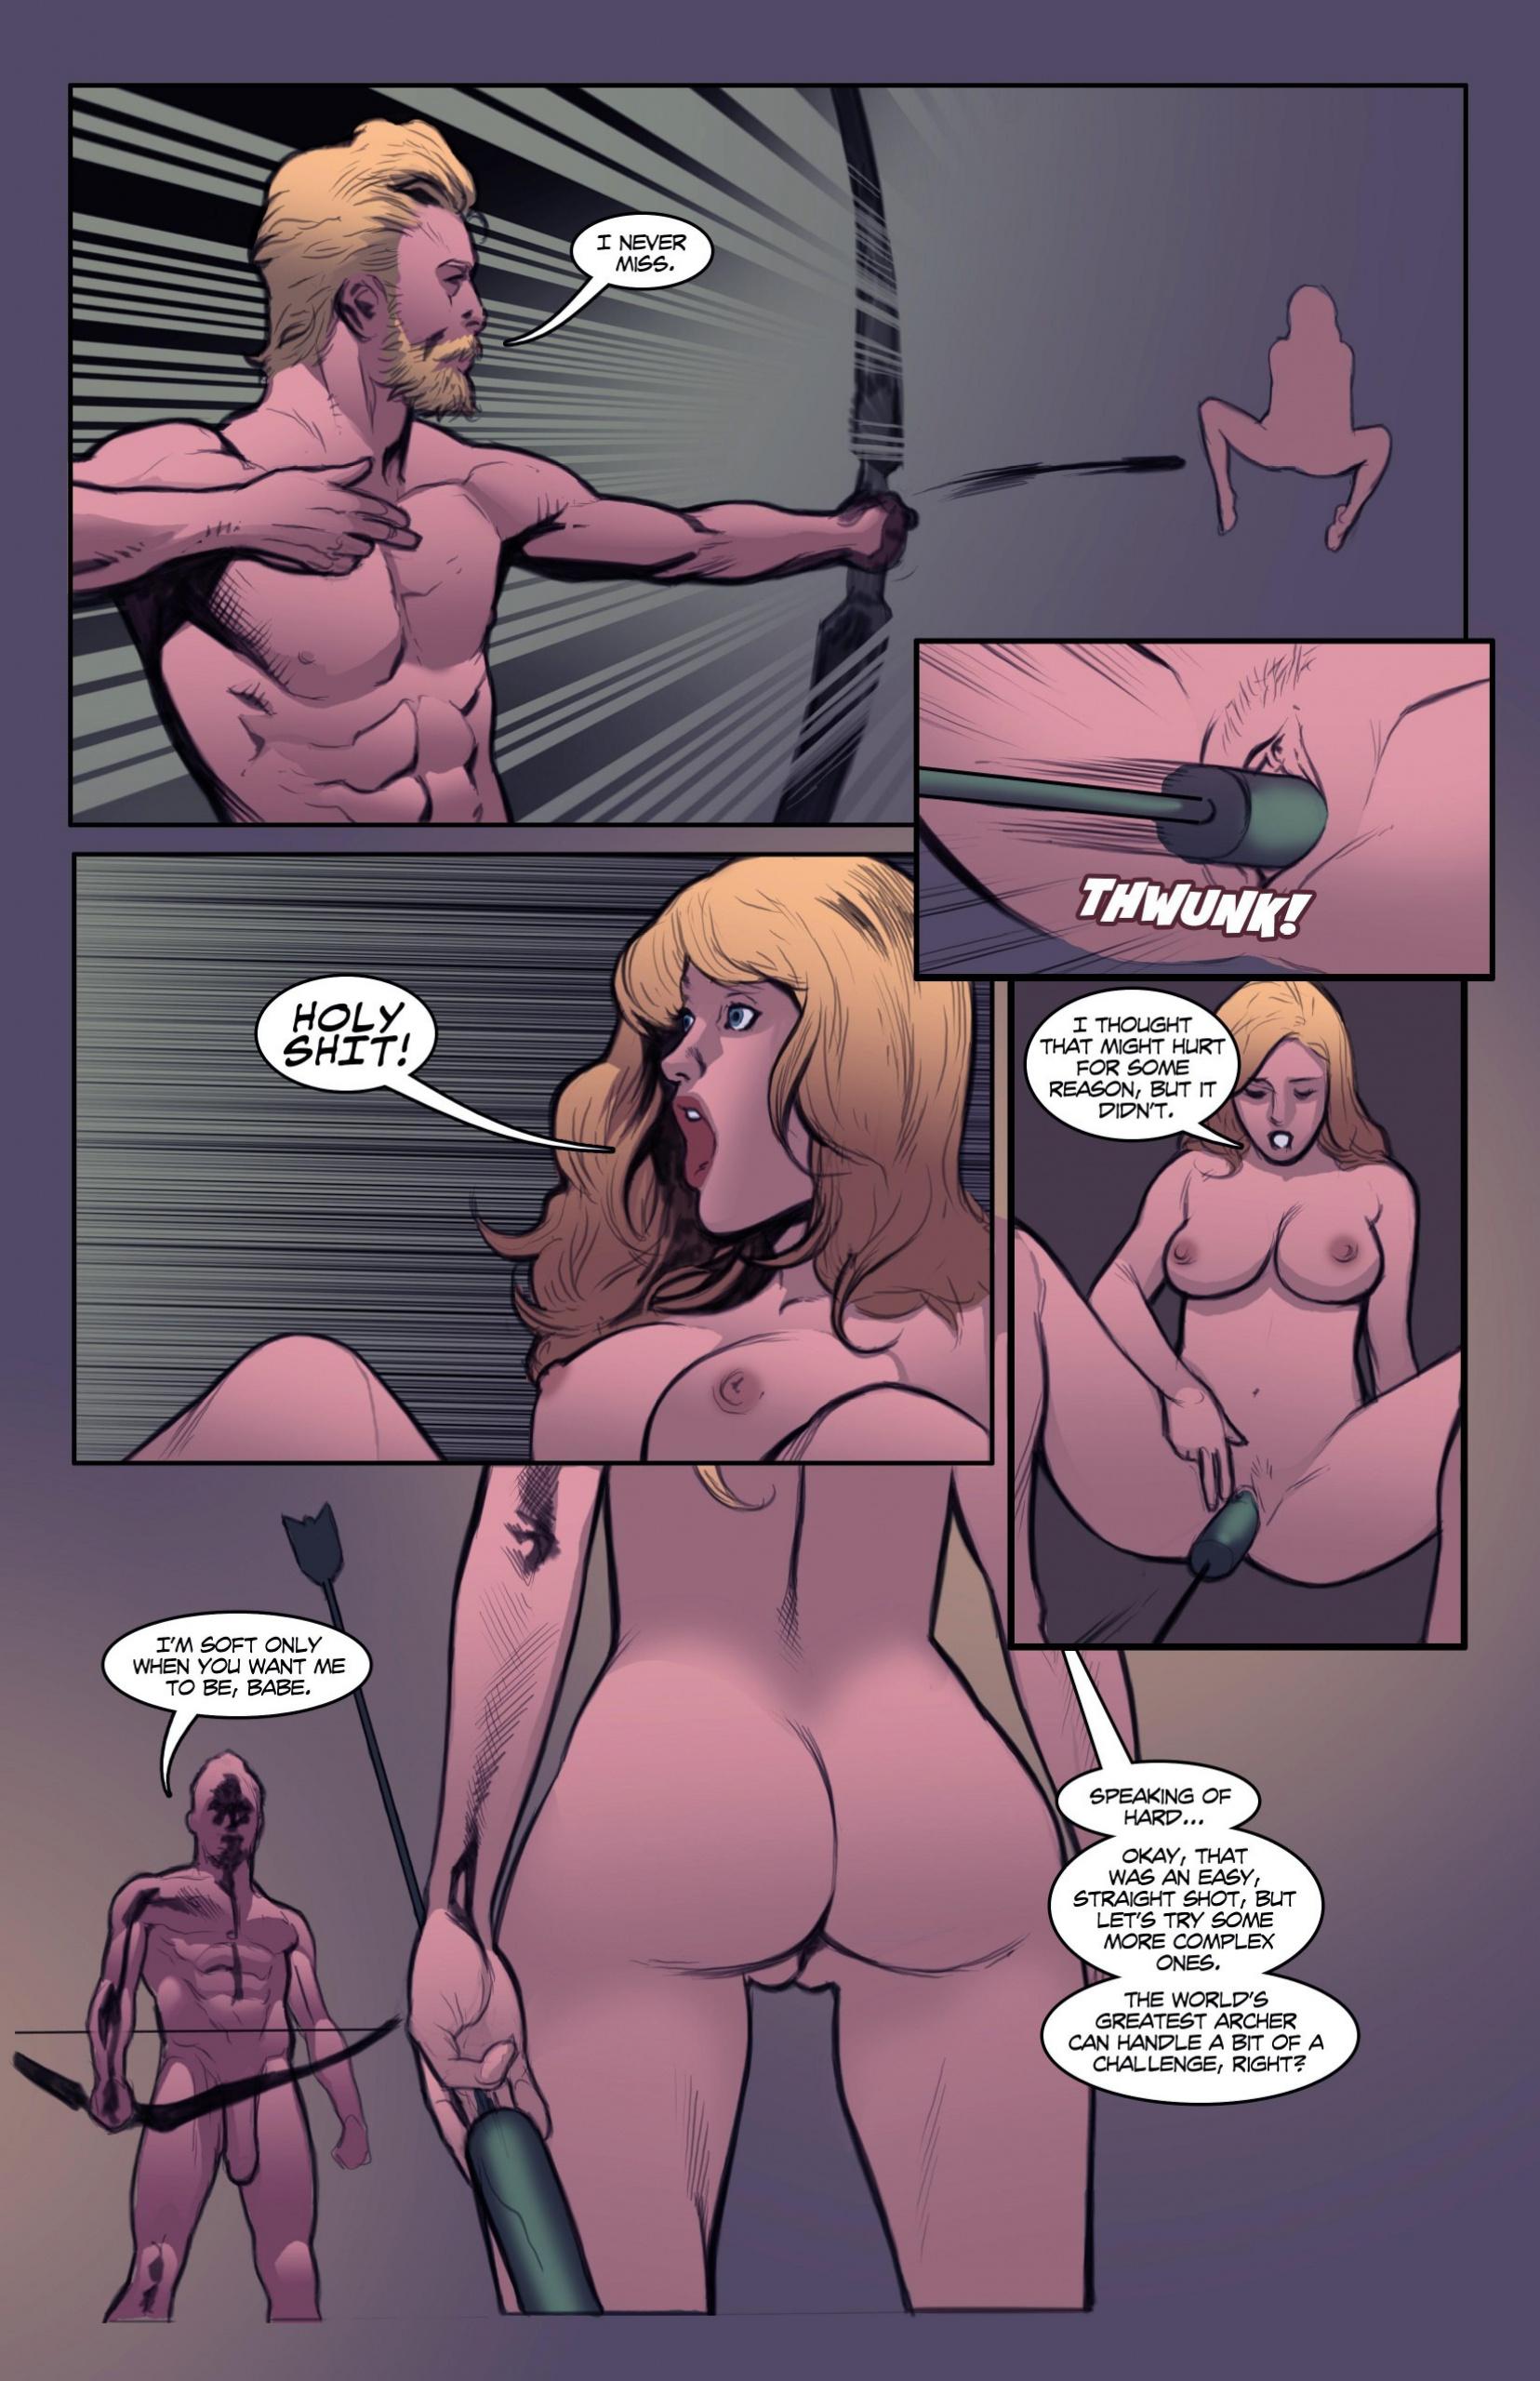 Dangerous Curves porn comics Oral sex, Blowjob, Creampie, Cum Shots, Cum Swallow, Deformed, incest, Latex, Sex Toys, Straight